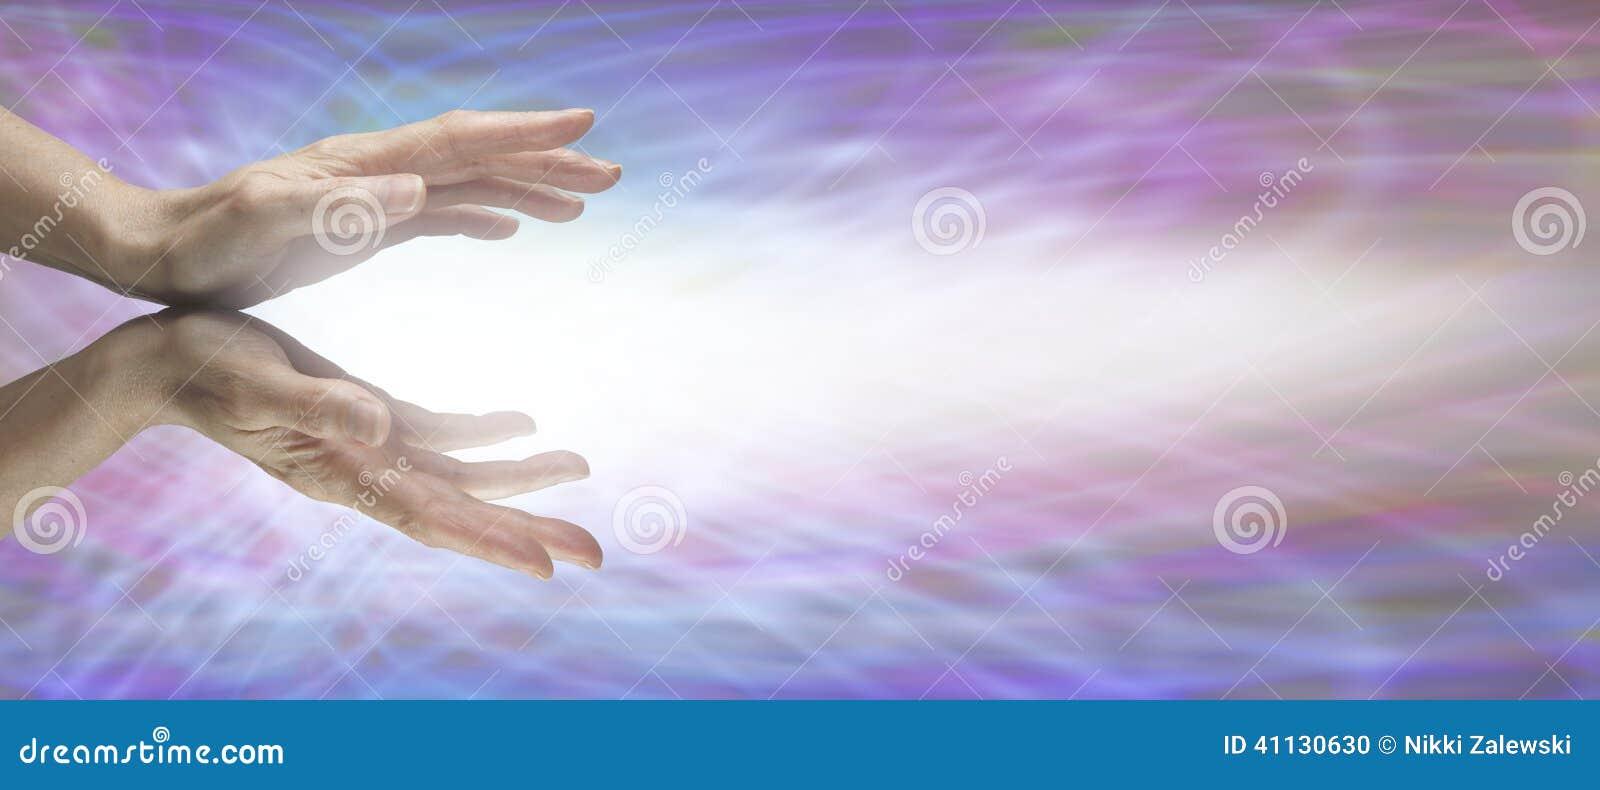 Uzdrawiać ręki na matrycowym strona internetowa sztandarze